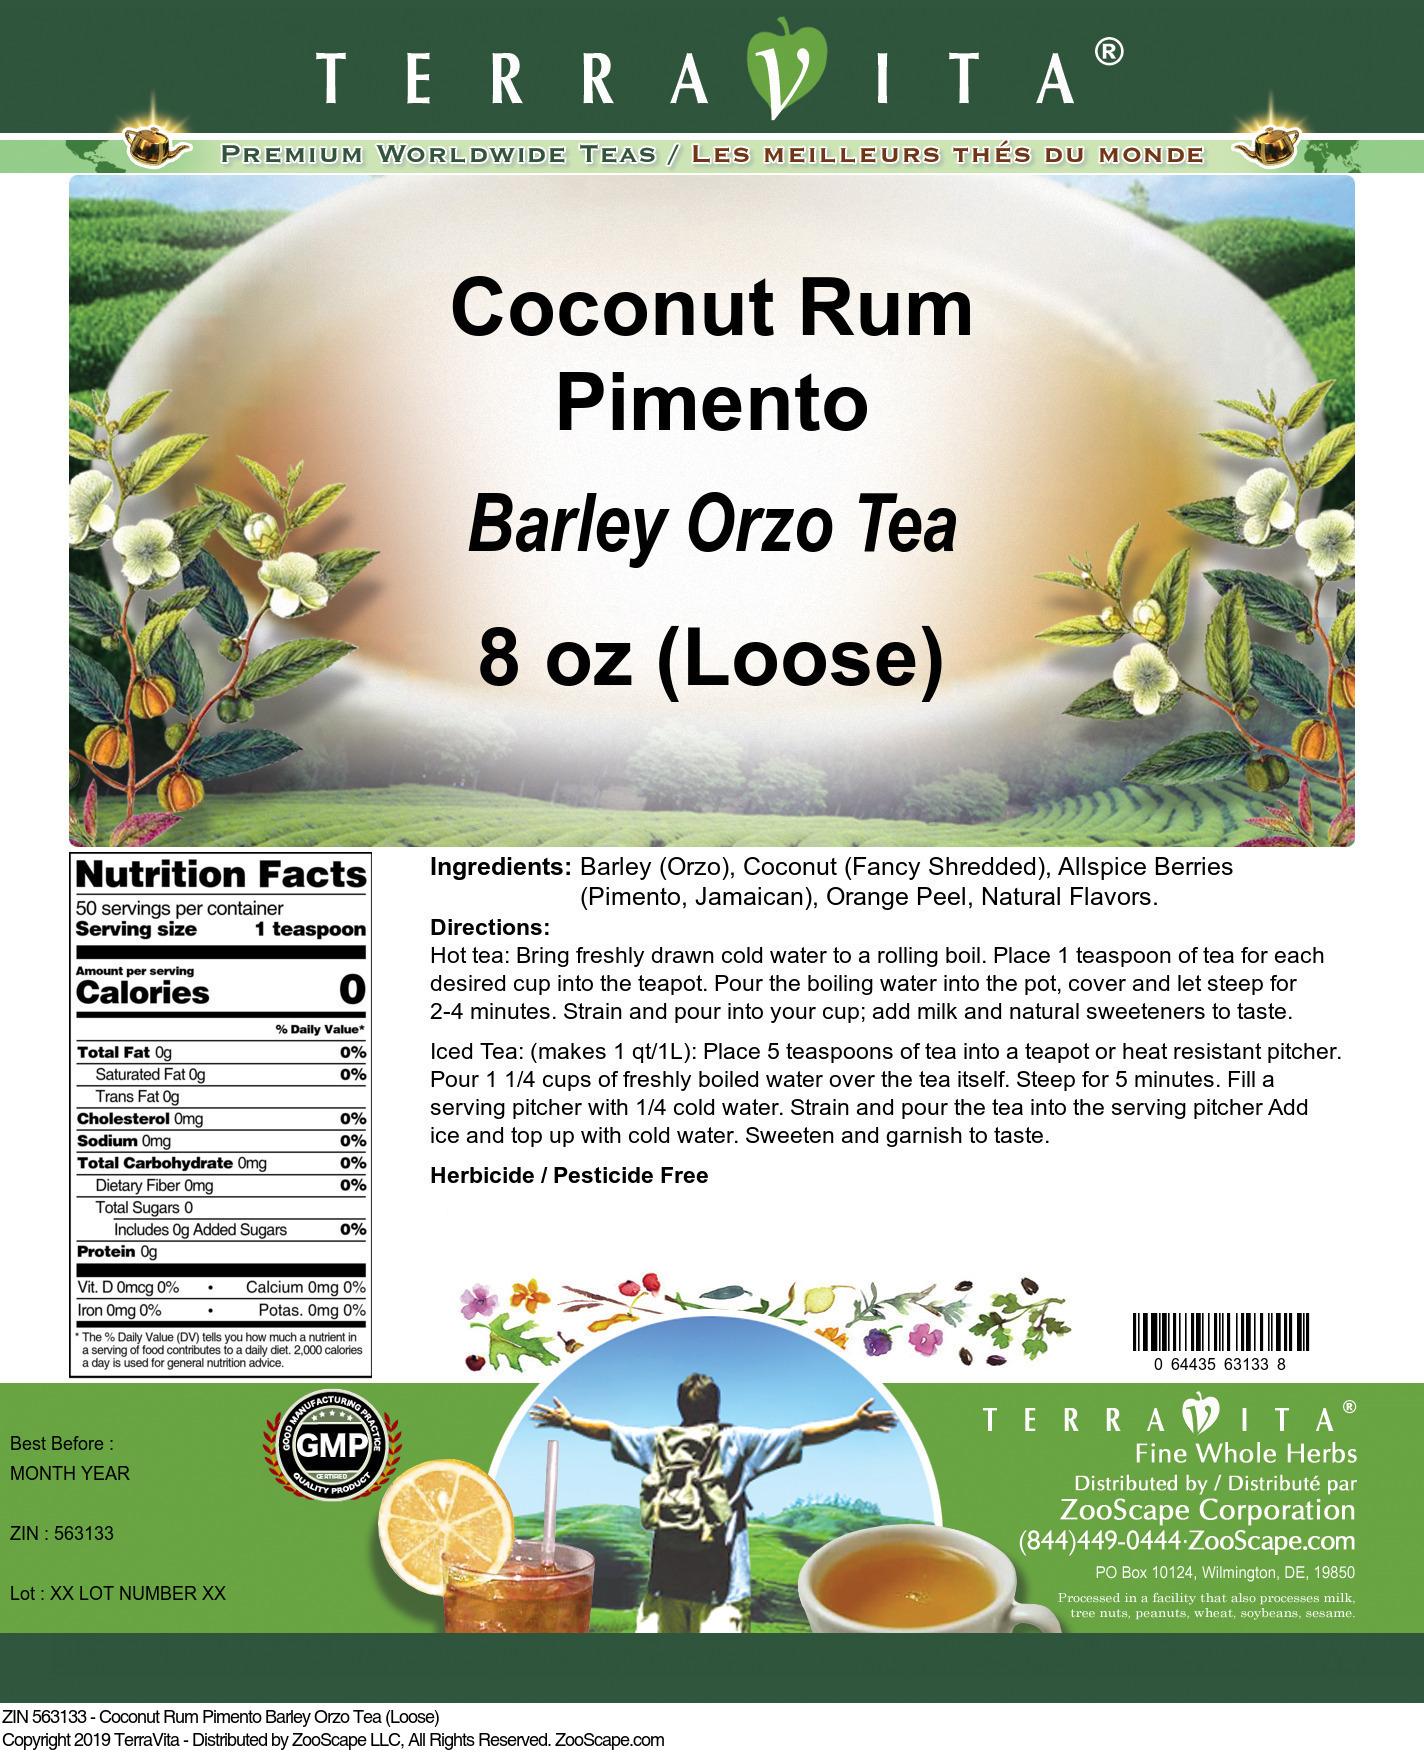 Coconut Rum Pimento Barley Orzo